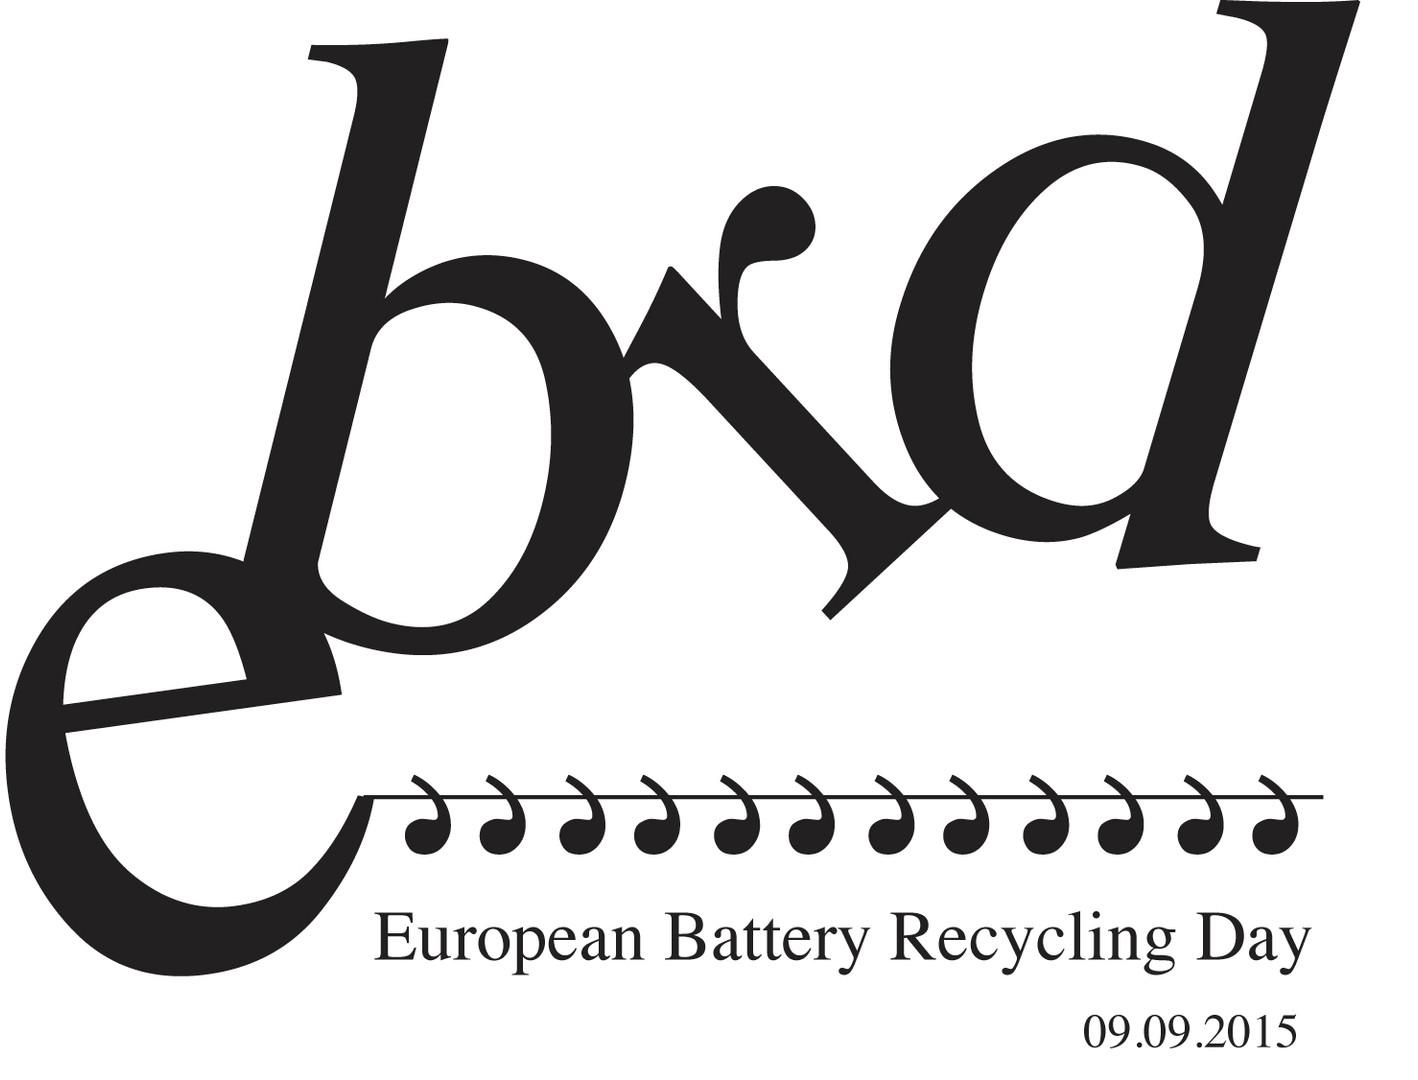 EBRD 5 logo.jpg